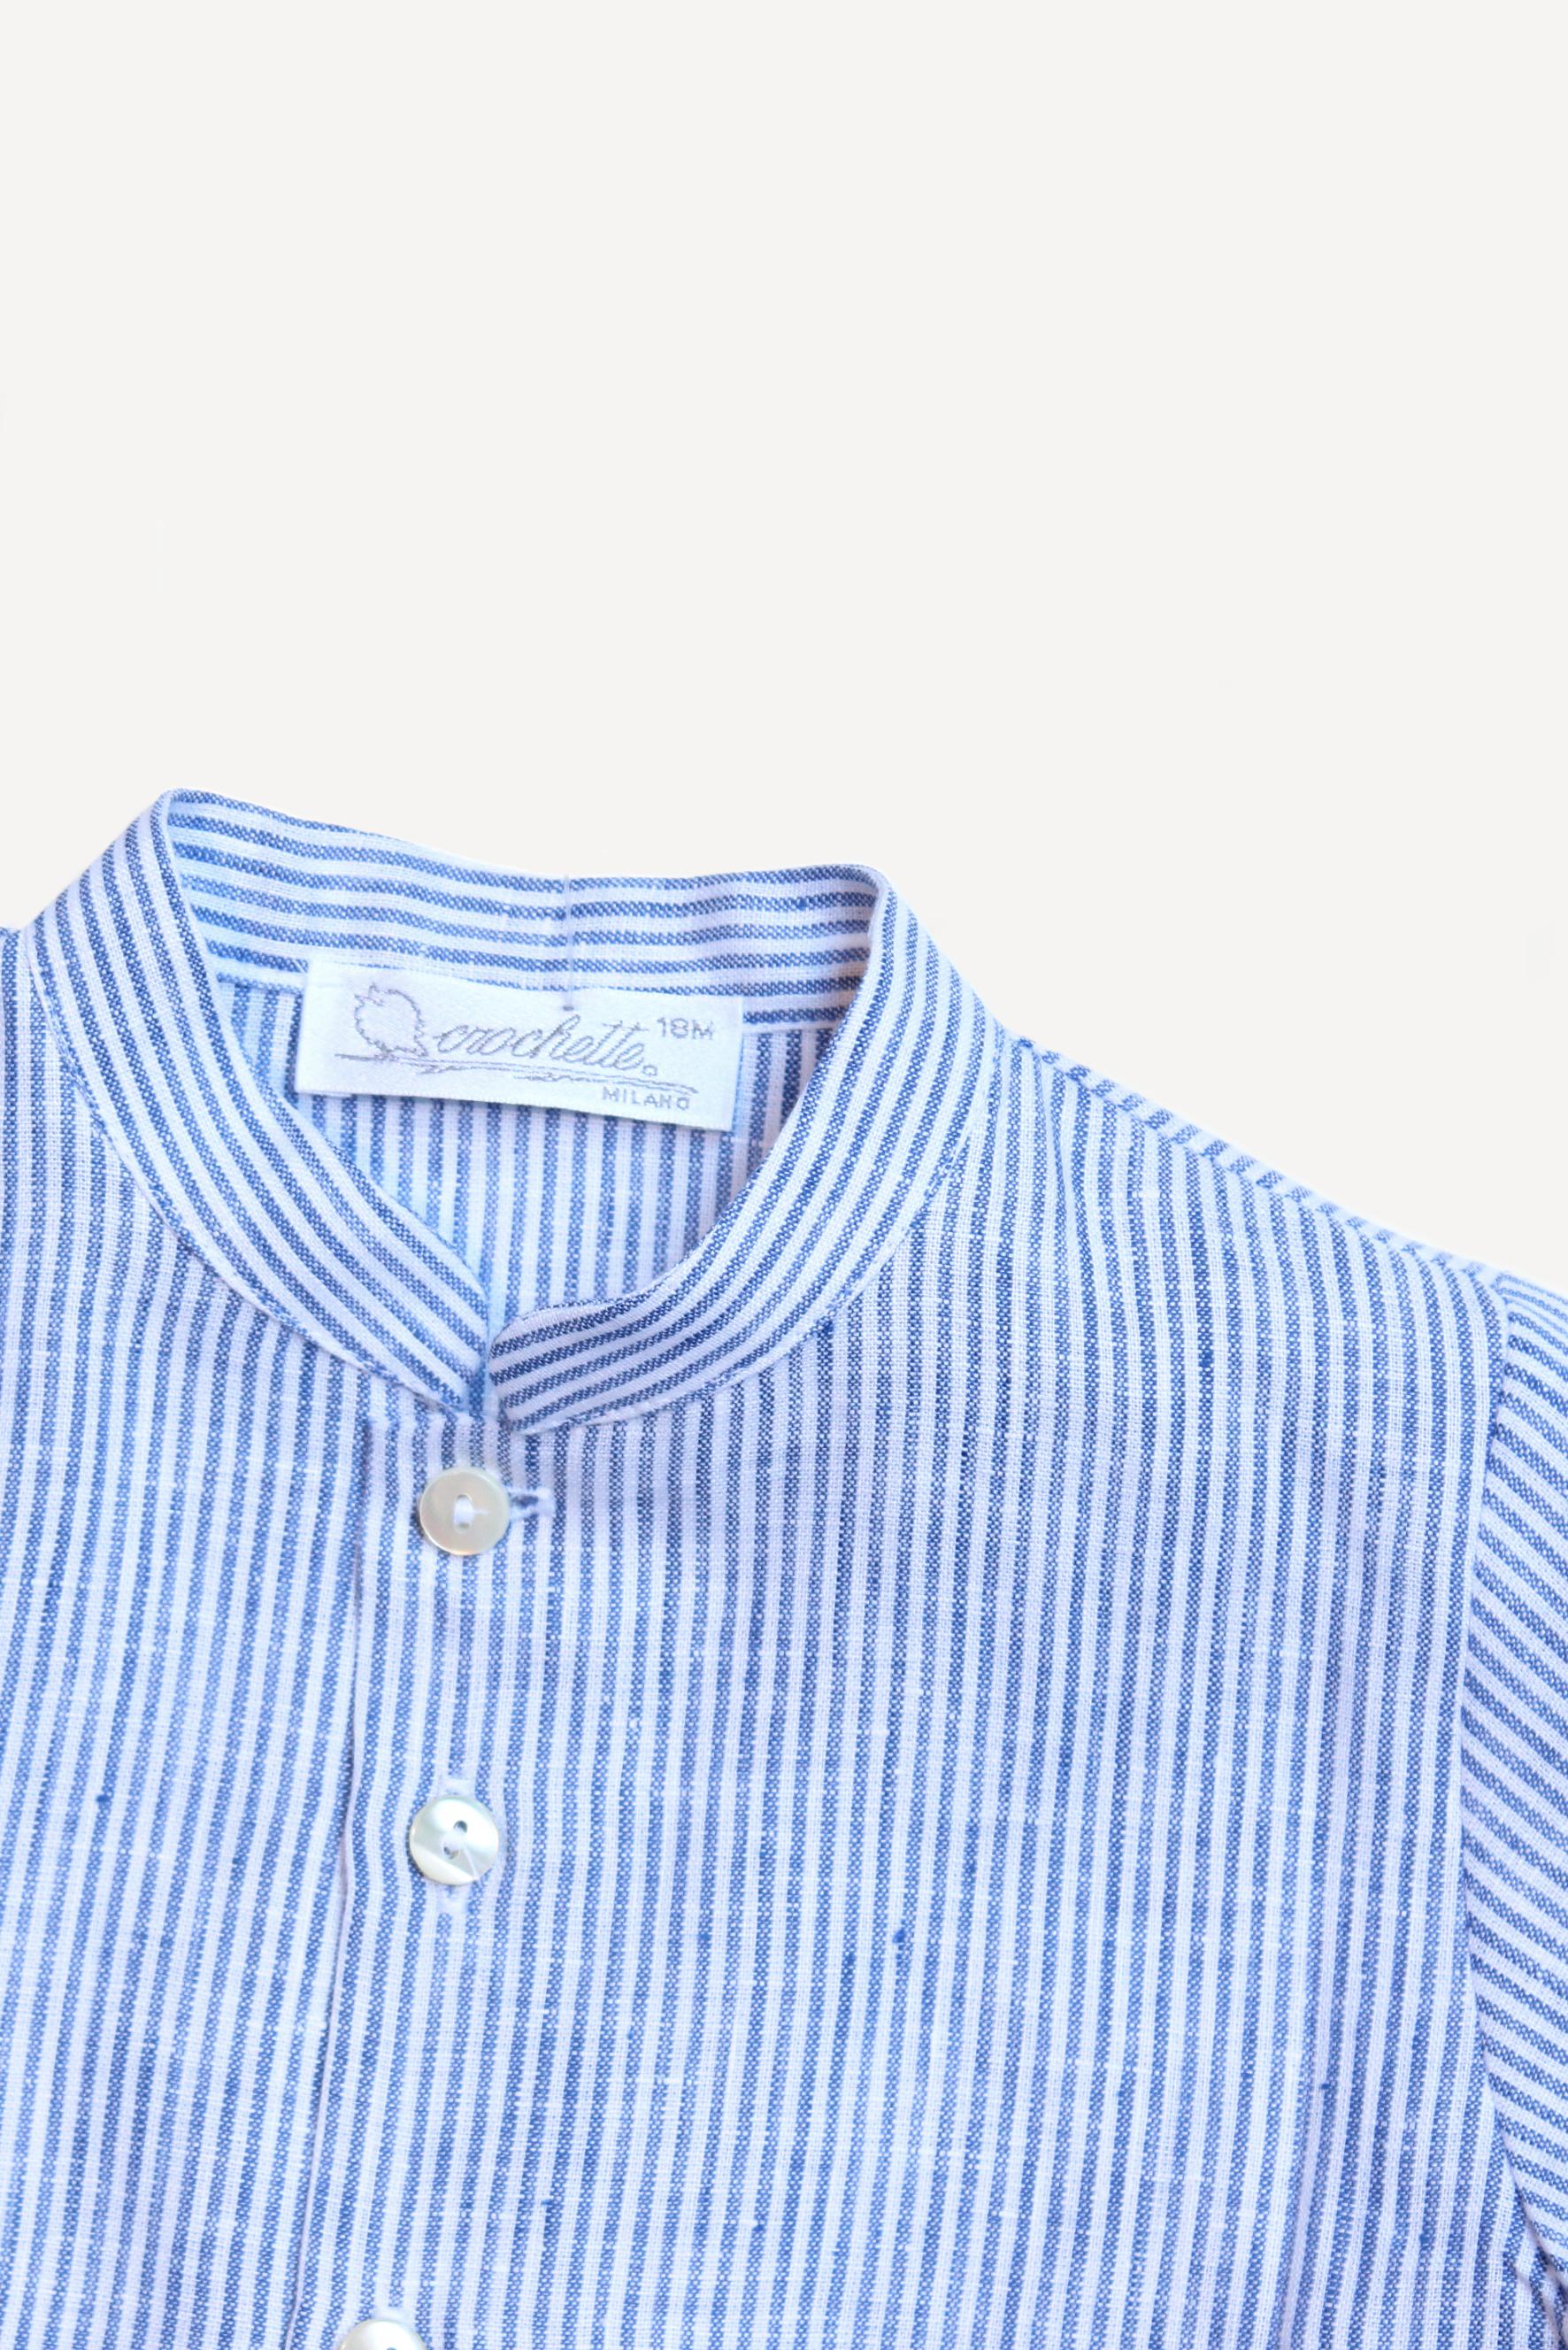 best service 7c5a9 581e7 Camicia bambino lino a righe blu — Crochette